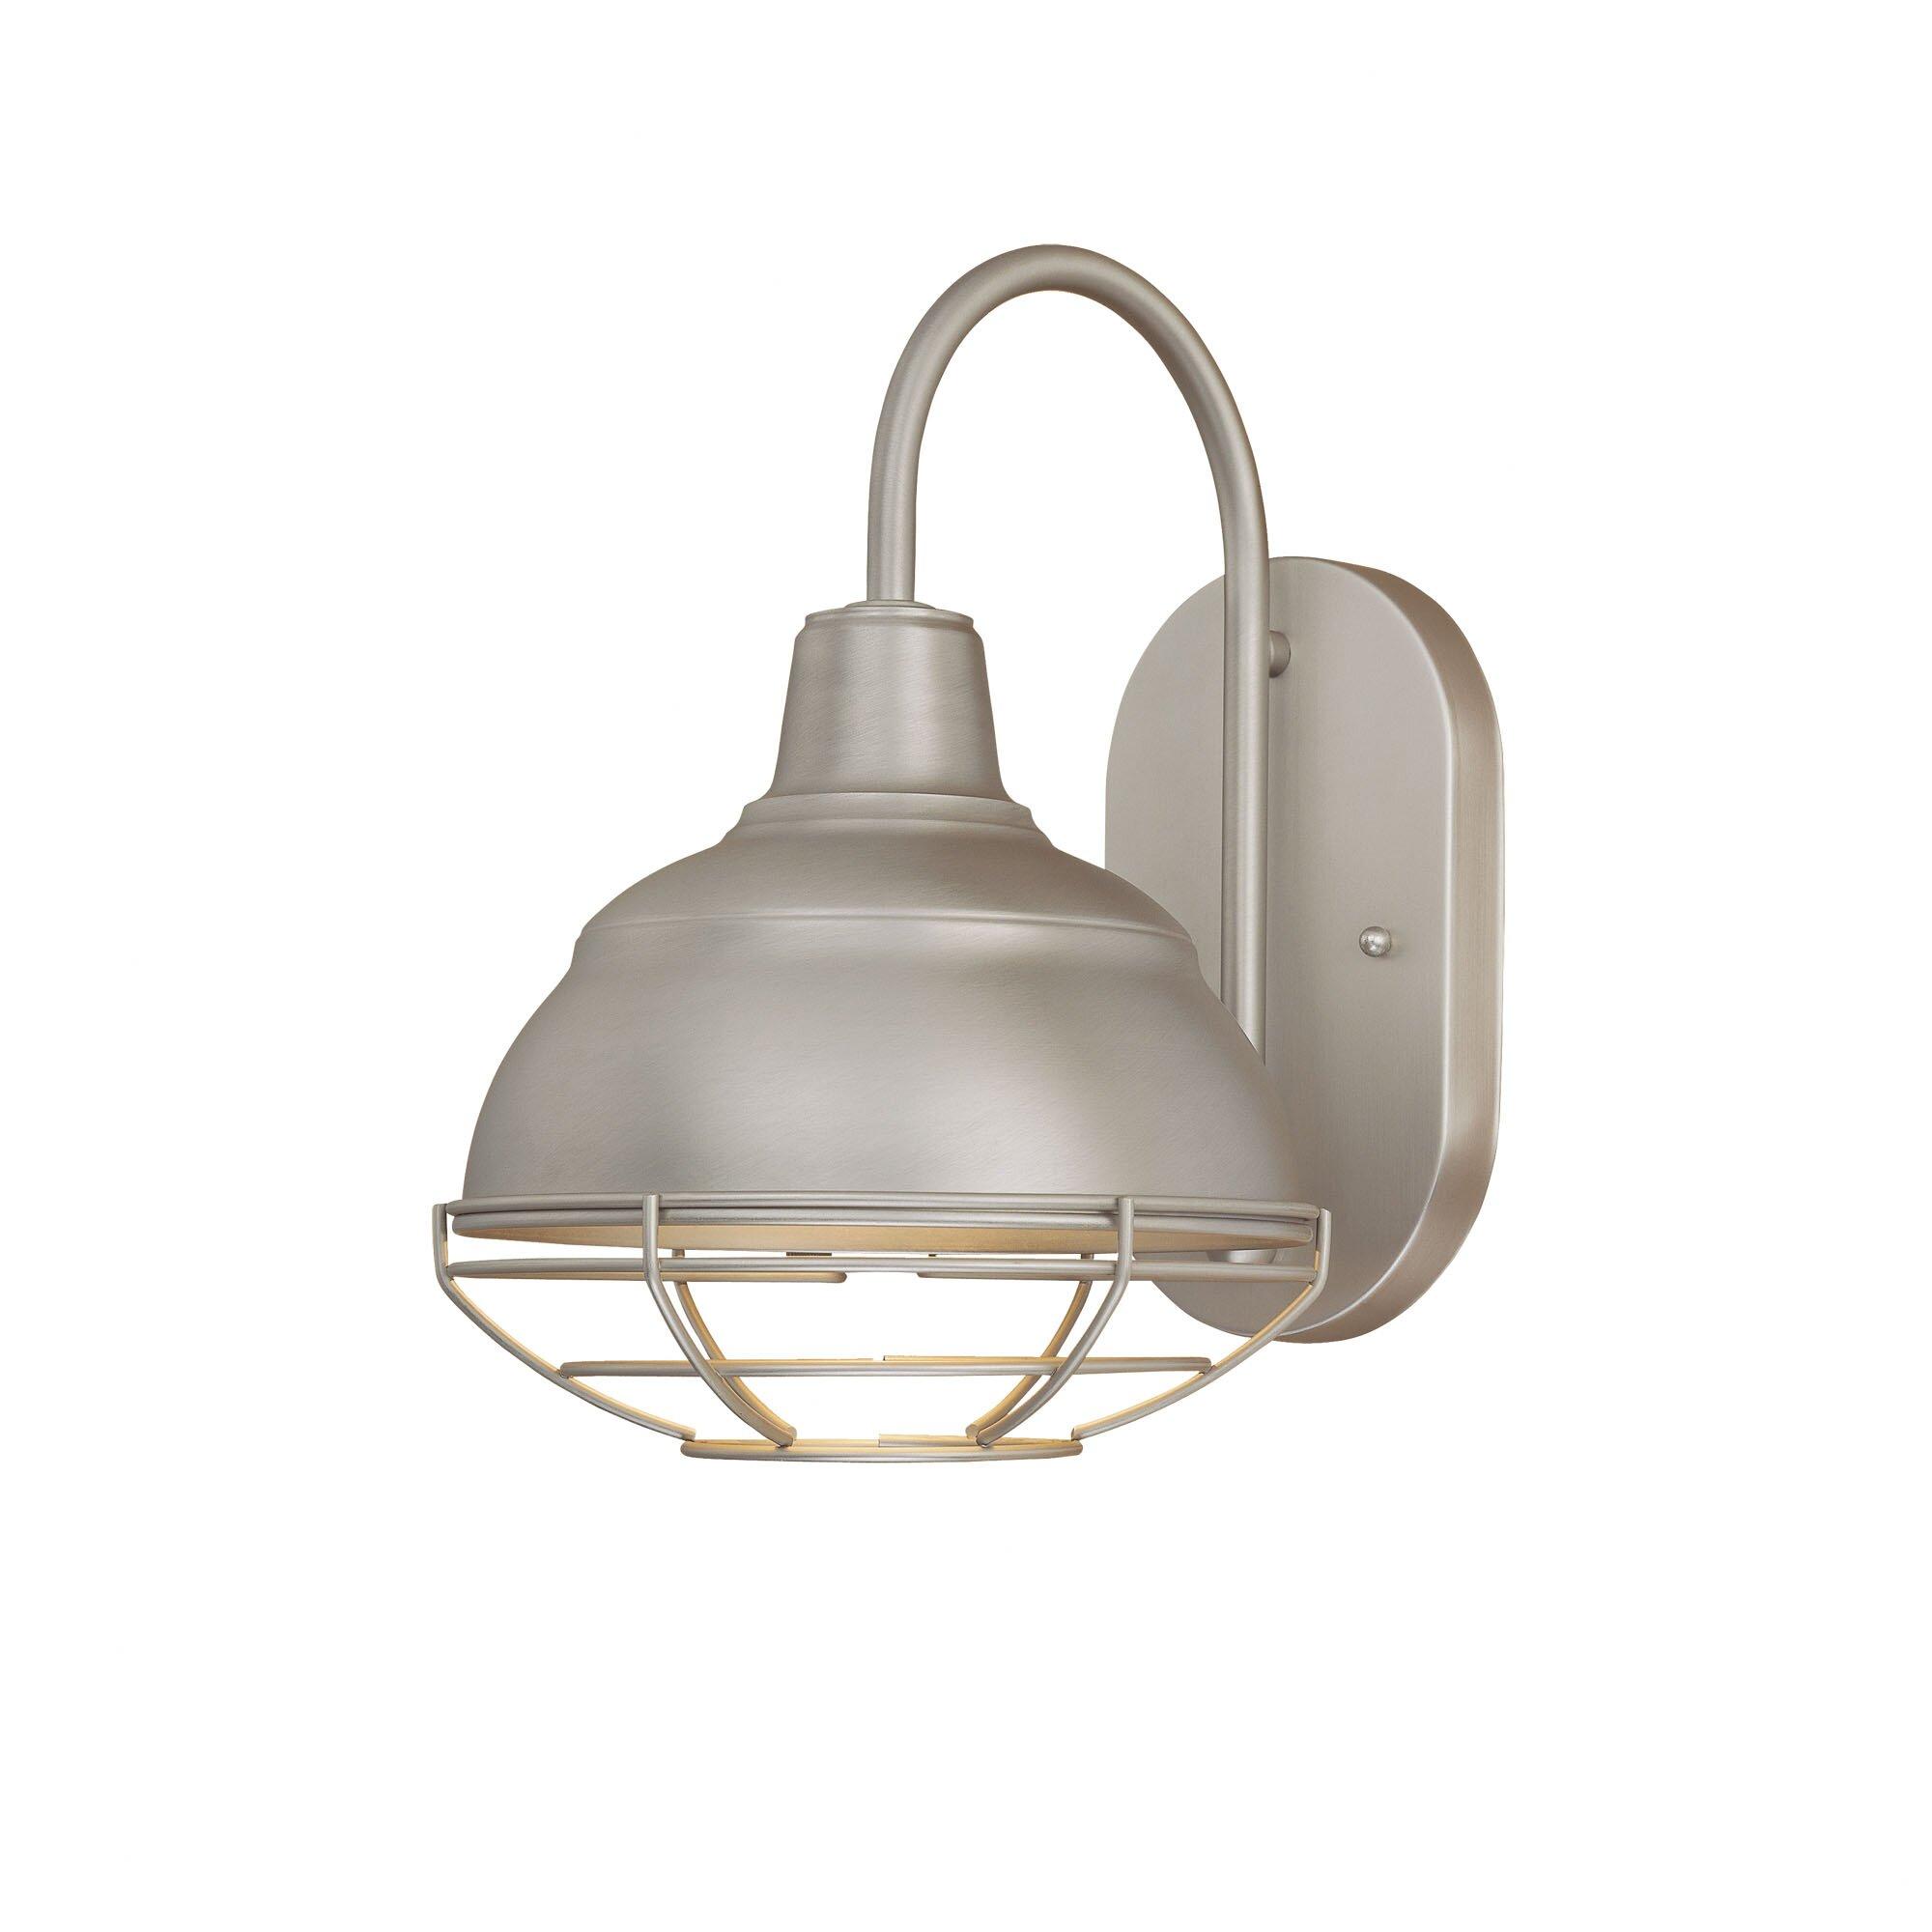 Goodyear 1 Light Outdoor Barn Light: Millennium Lighting Neo-Industrial 1 Light Outdoor Barn